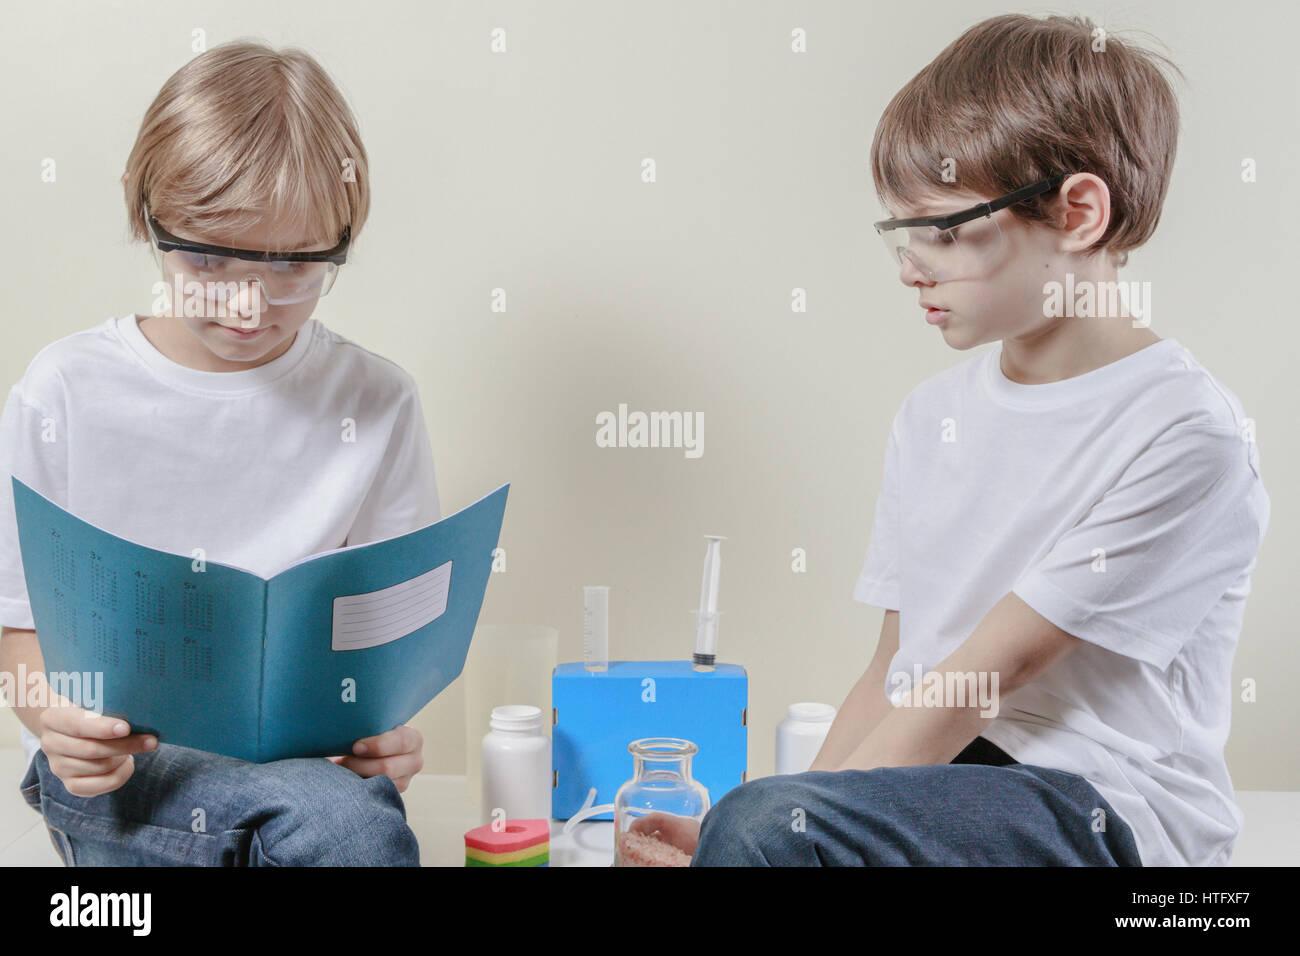 Kinder vorbereiten, wissenschaftliche Experimente zu machen. Bildung, Wissenschaft-Konzept Stockbild